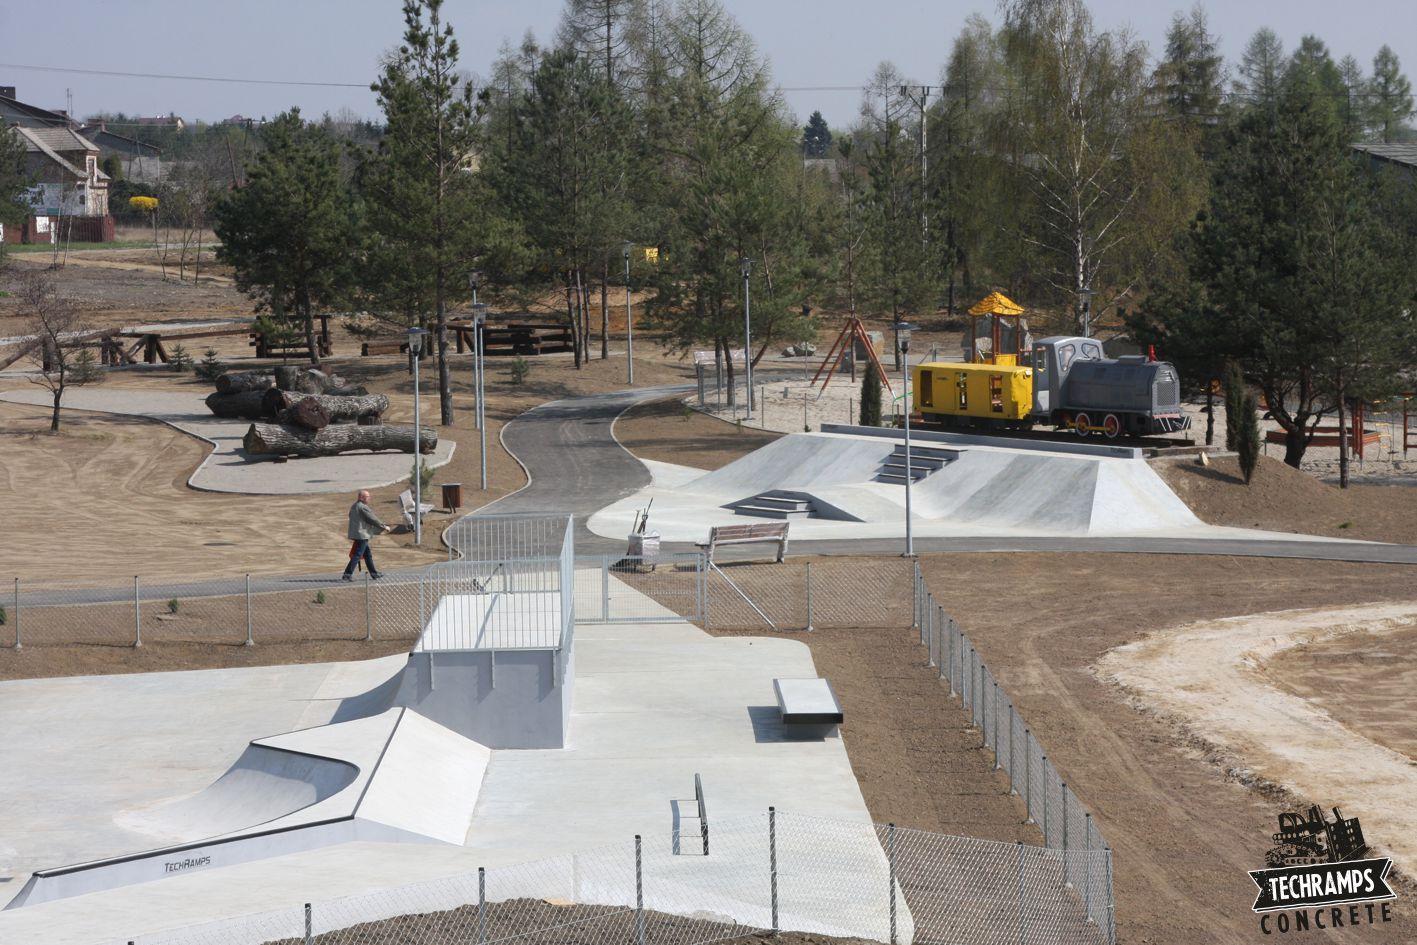 Realizacja skateparku w Olkuszu